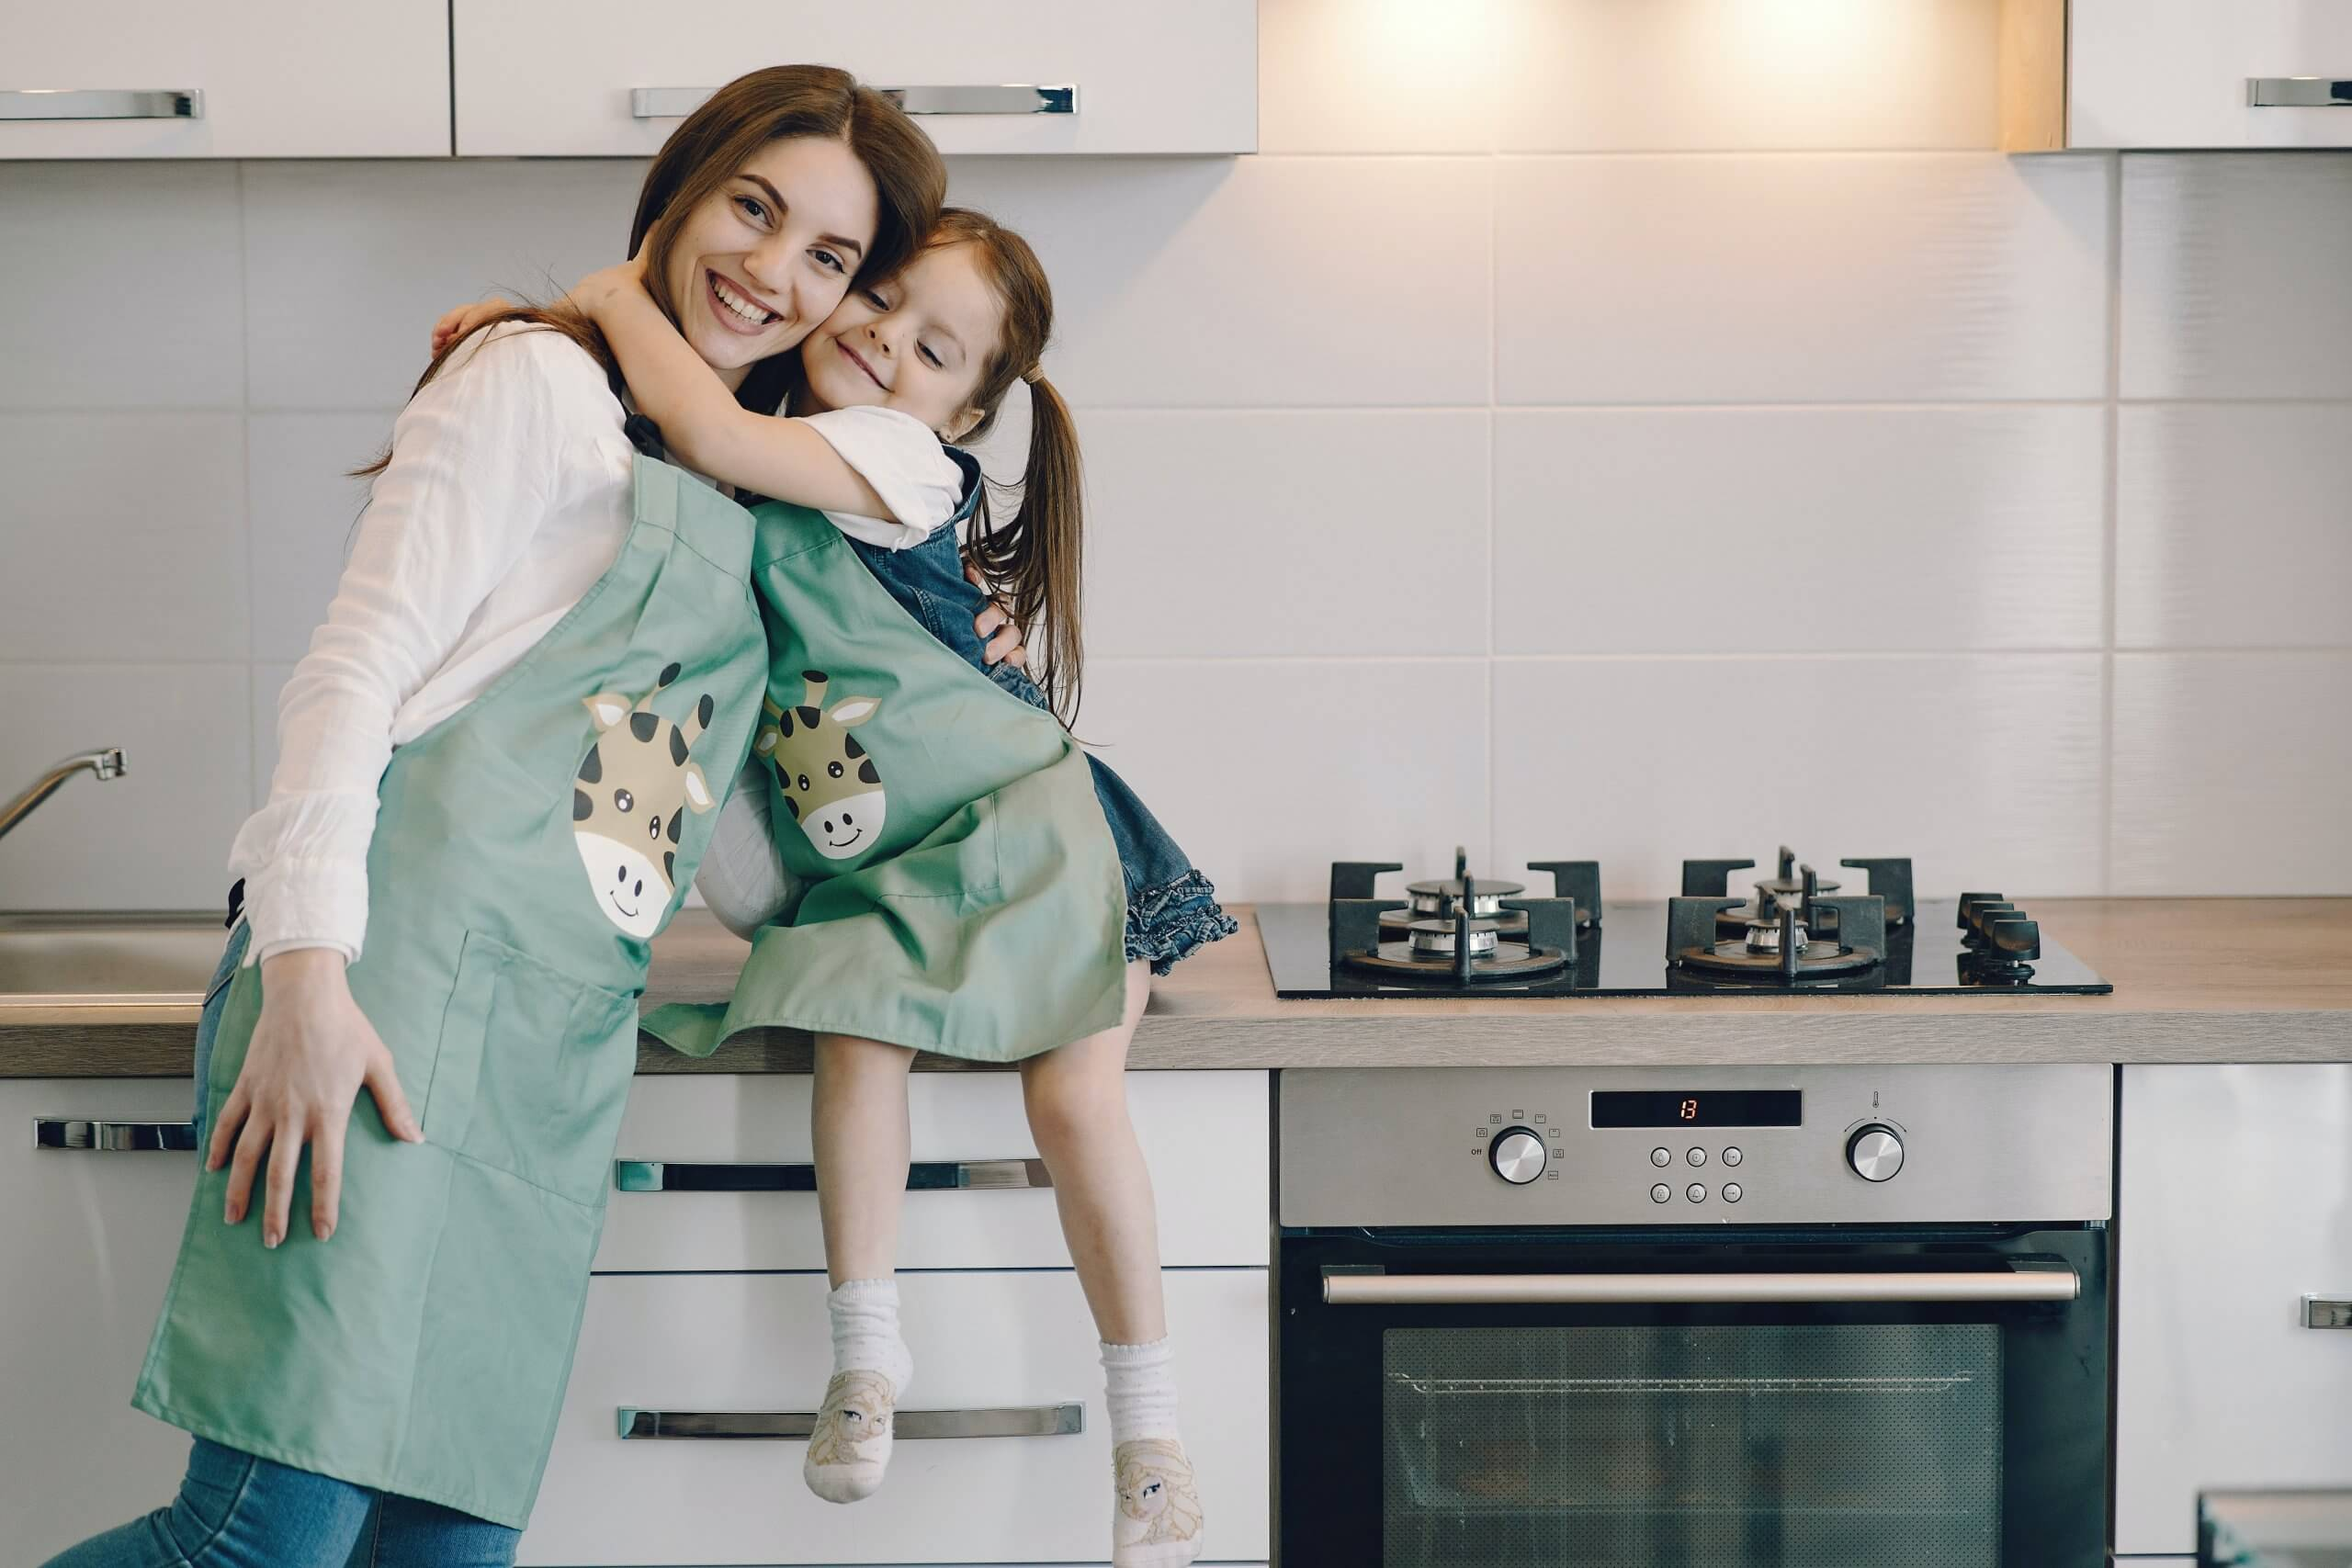 mãe e filha abraçadas na cozinha vestidas com aventais